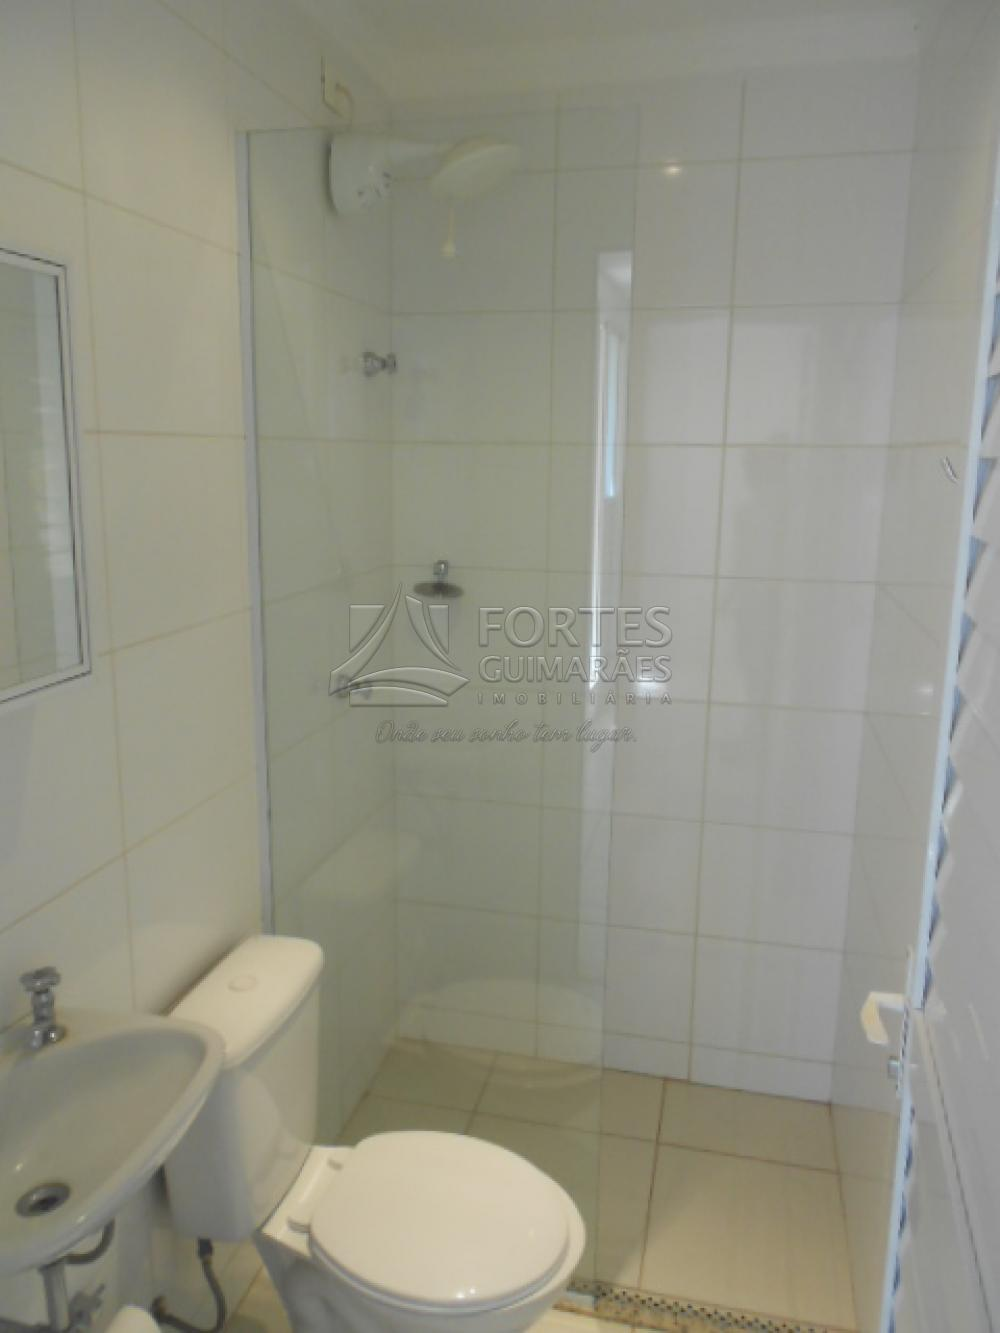 Alugar Apartamentos / Padrão em Ribeirão Preto apenas R$ 8.500,00 - Foto 65